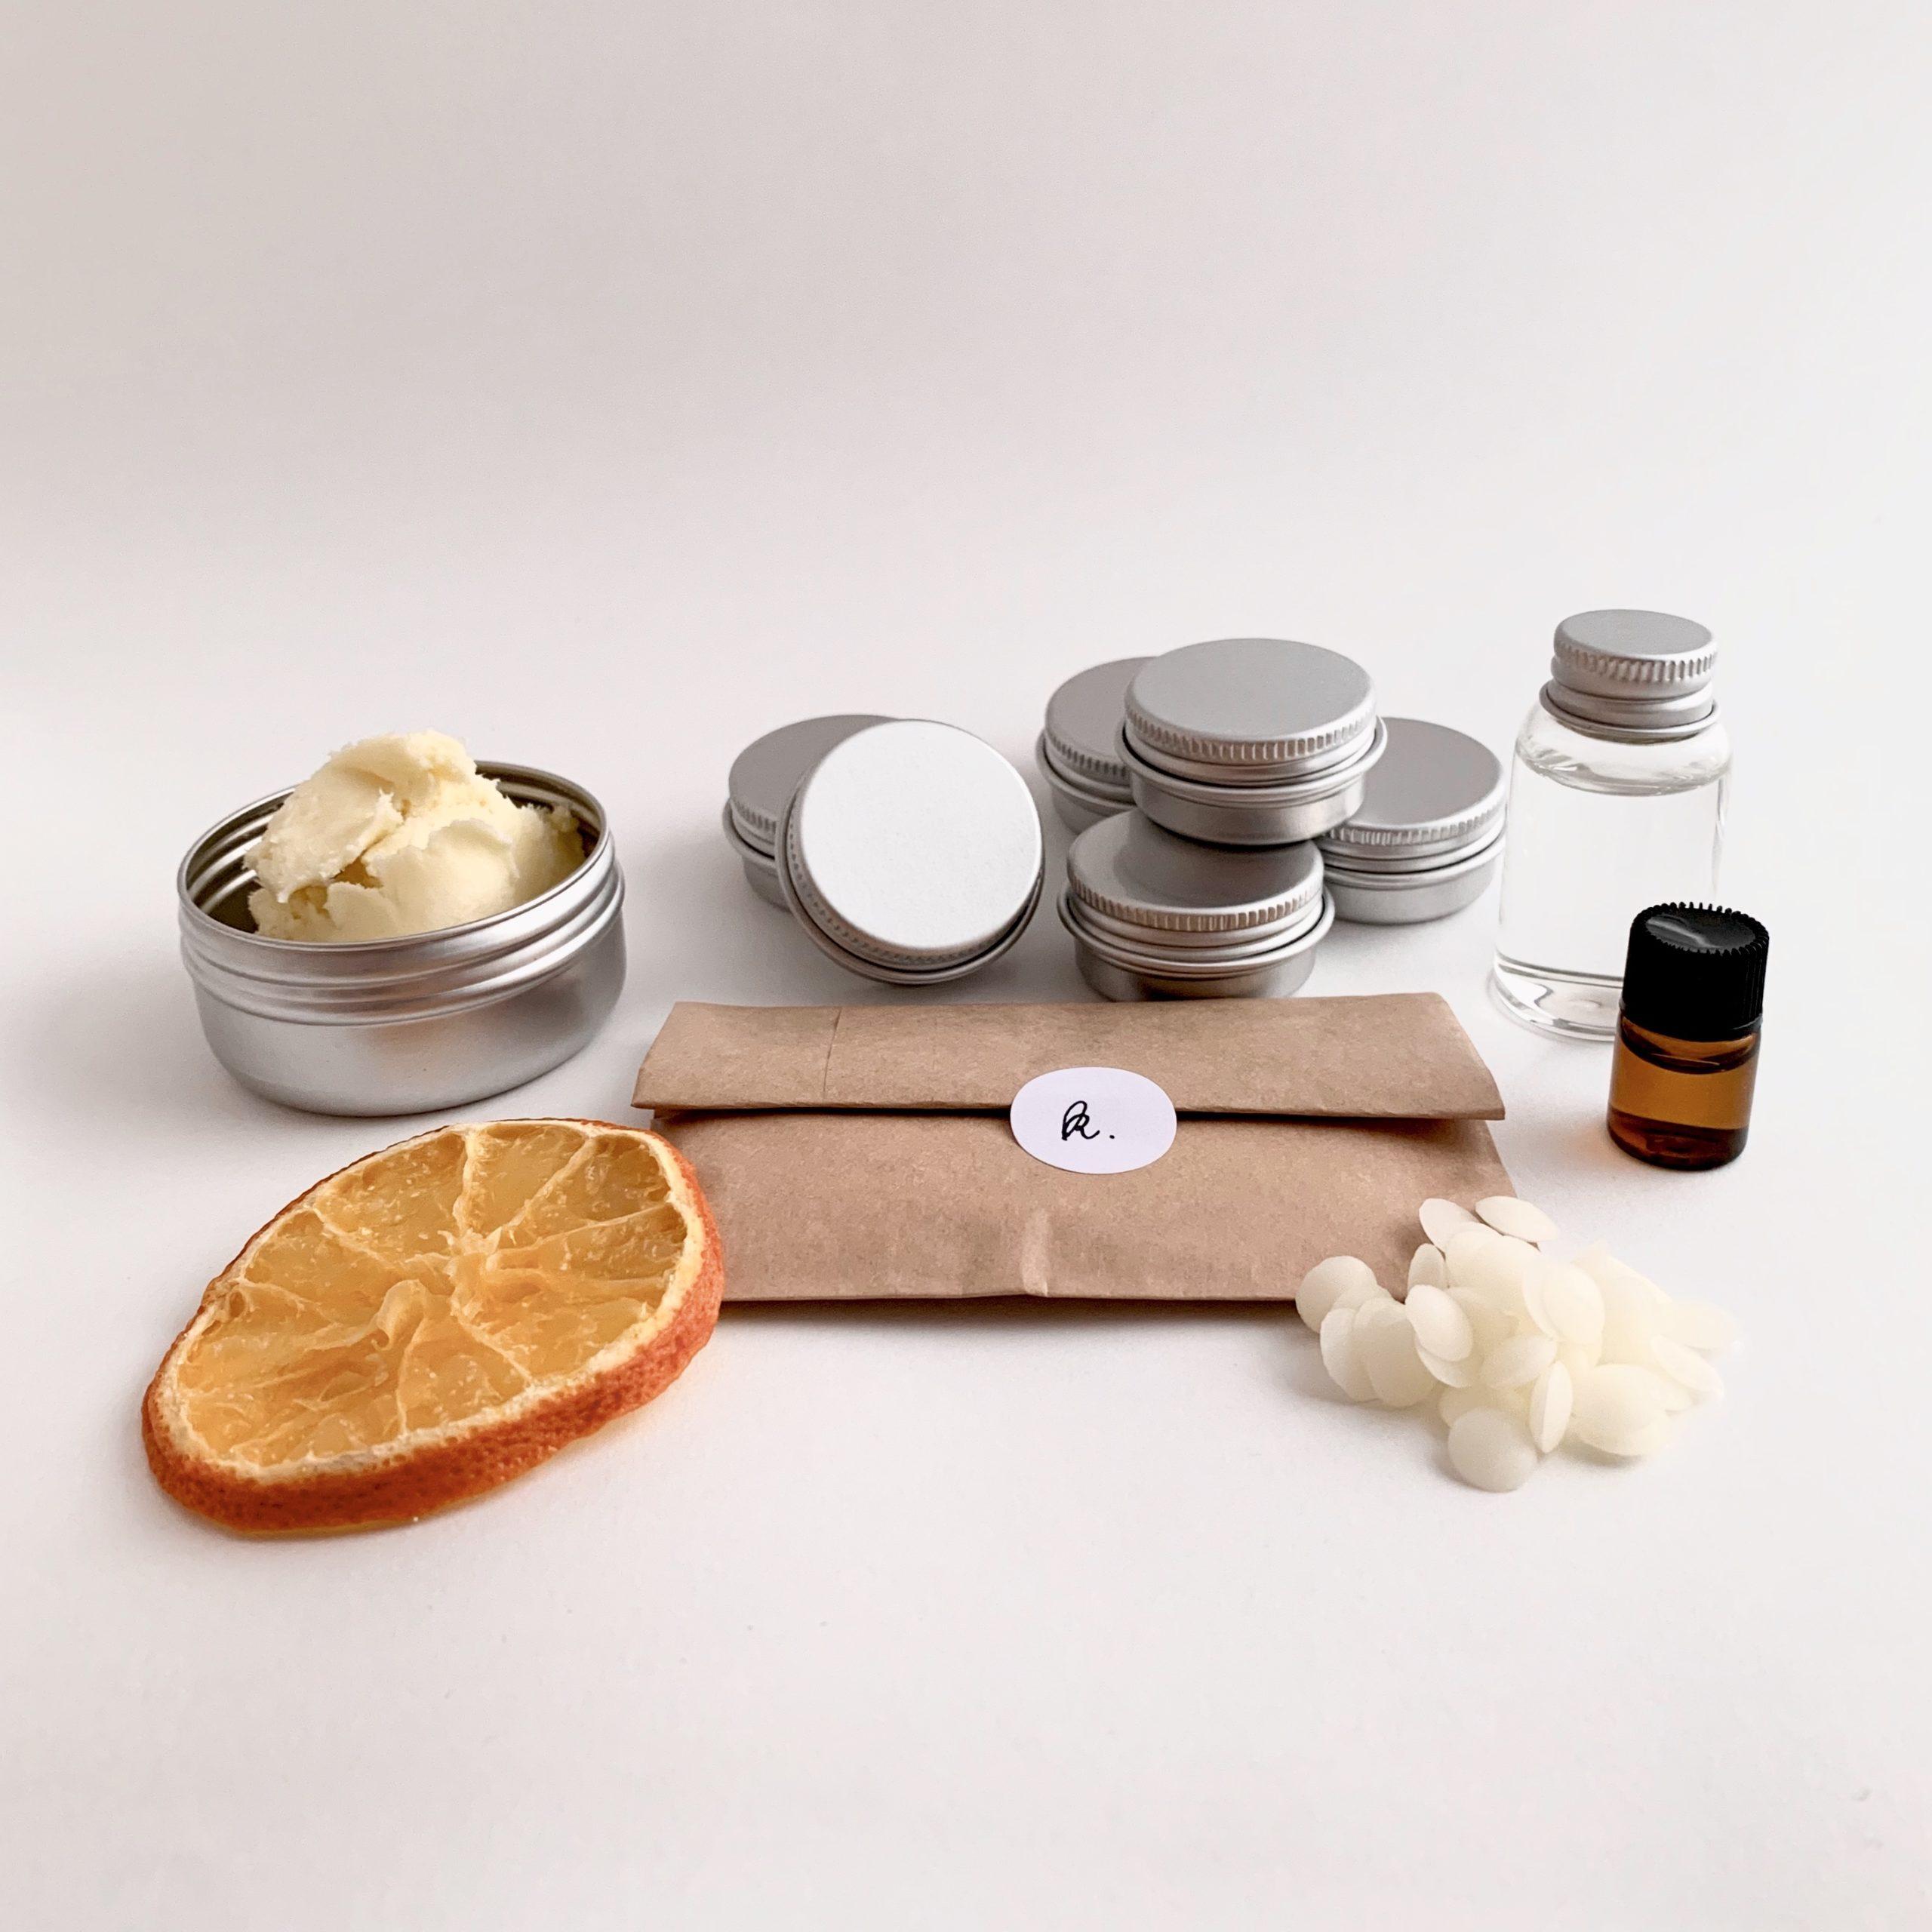 Kumaneko : des kits pour faire ses produits maison en quelques minutes